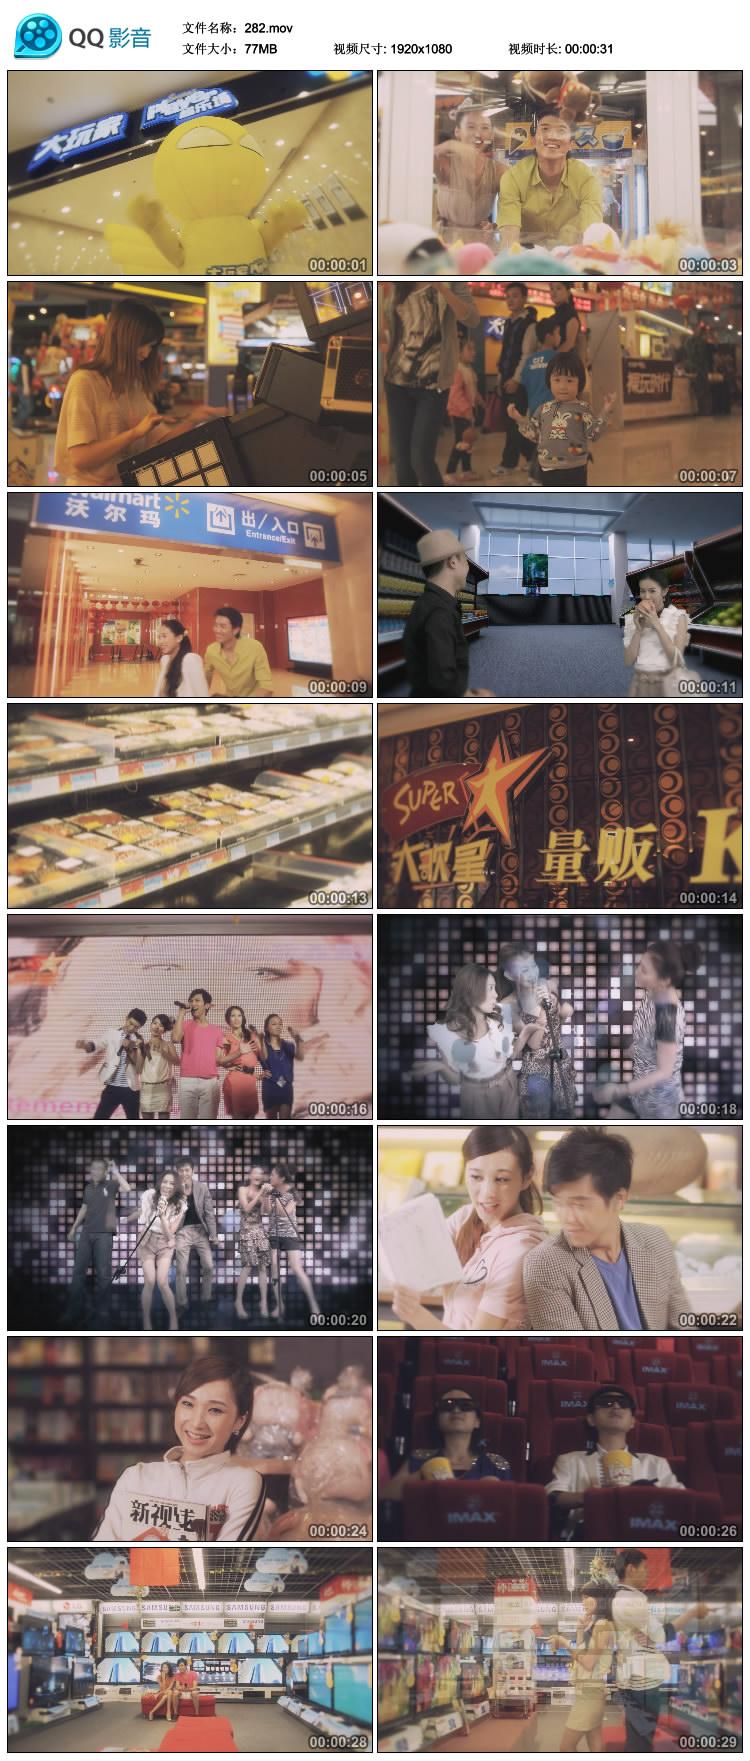 大型商场娱乐游戏厅家电卖场KTV书店超市IMAX电影高清视频素材